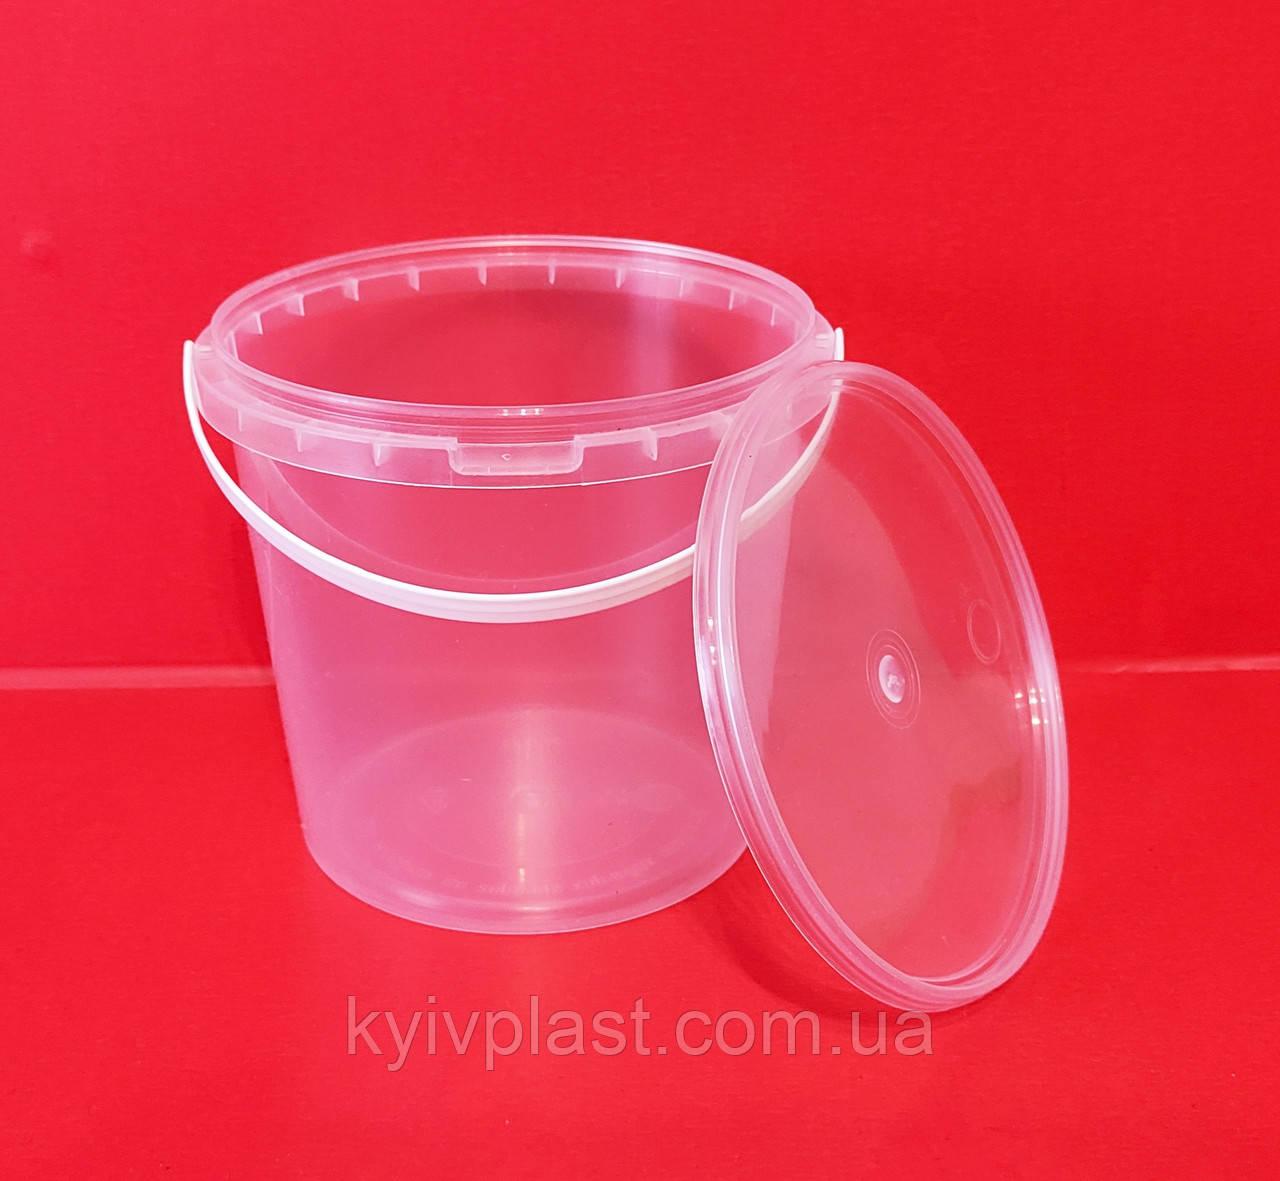 Пластиковая тара для меда 1 л СТ